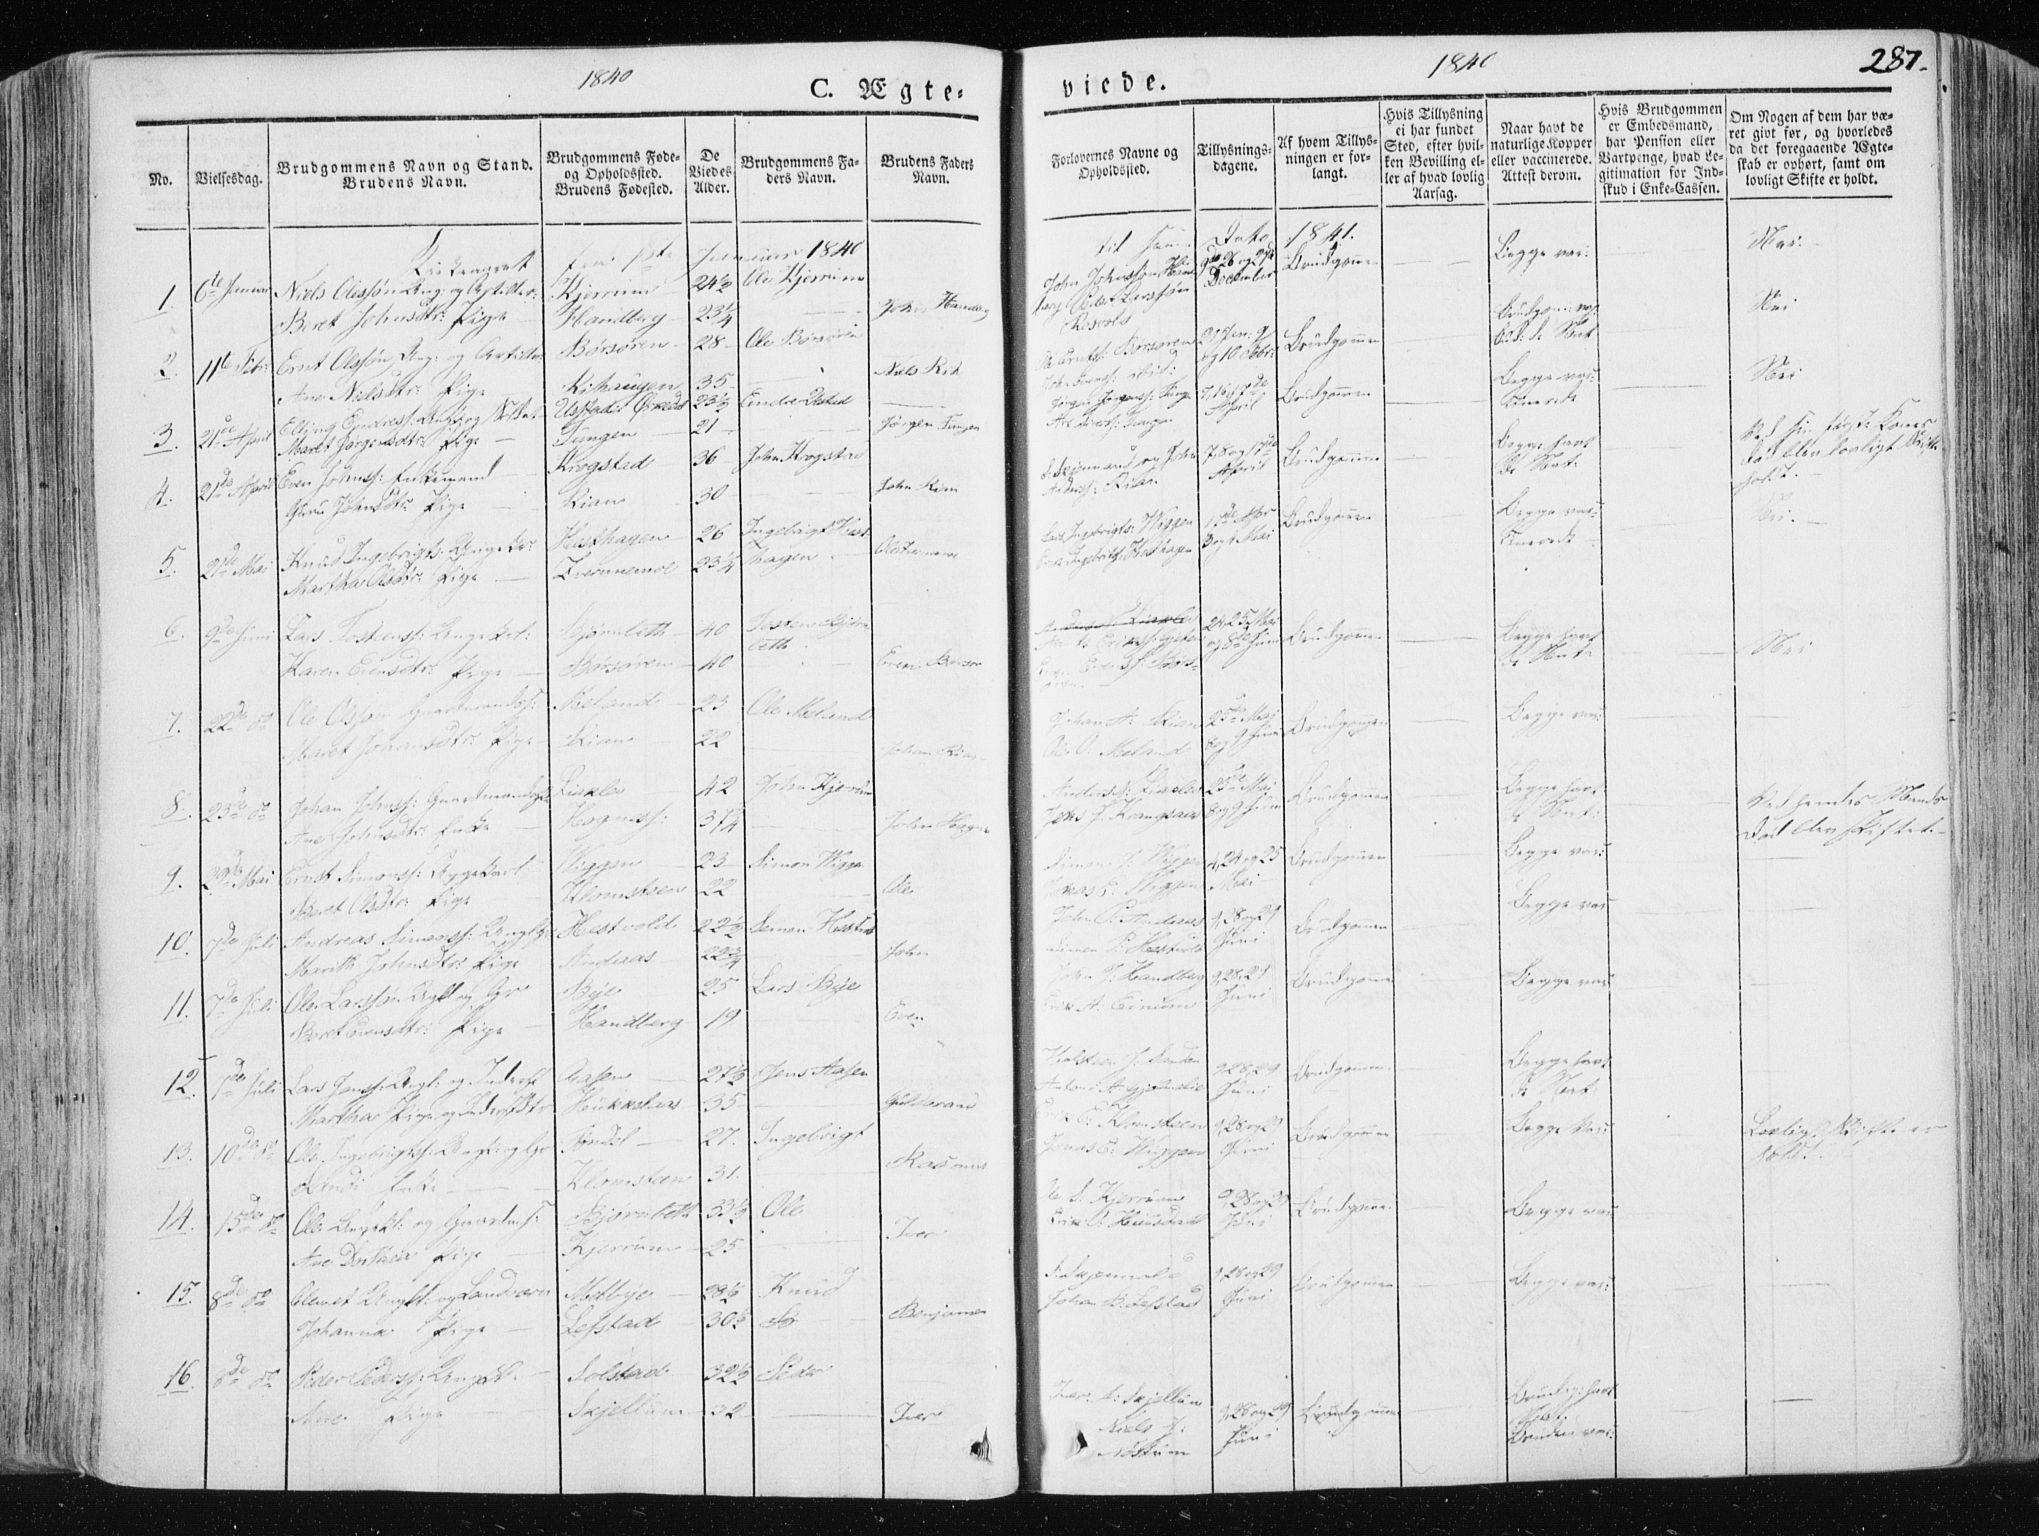 SAT, Ministerialprotokoller, klokkerbøker og fødselsregistre - Sør-Trøndelag, 665/L0771: Ministerialbok nr. 665A06, 1830-1856, s. 287